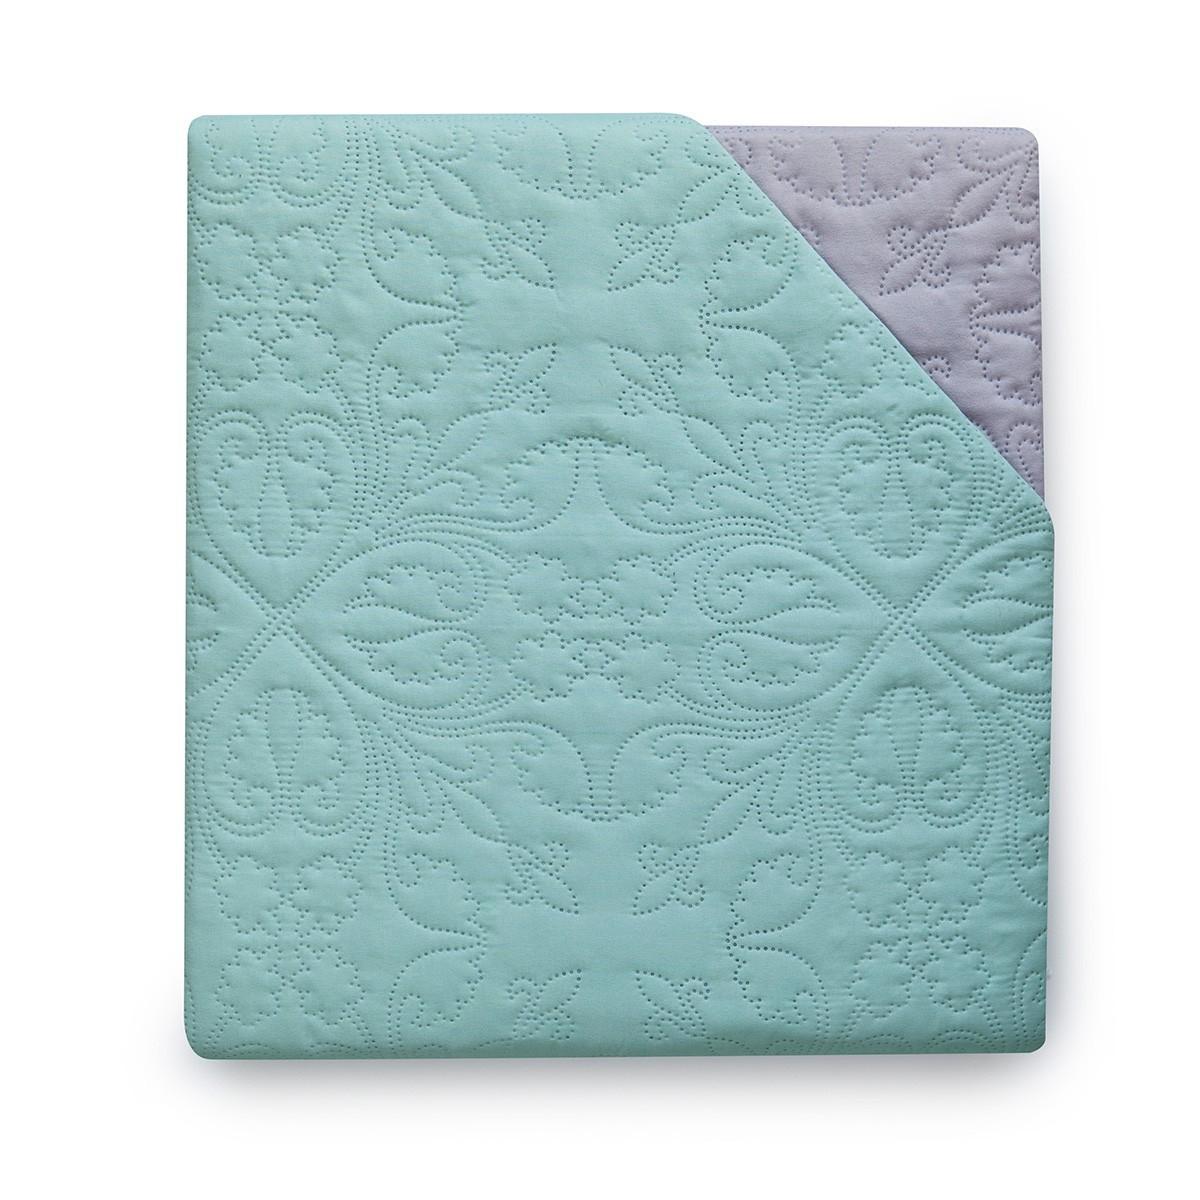 Κουβερλί Υπέρδιπλο Διπλής Όψης Melinen Aqua/Grey